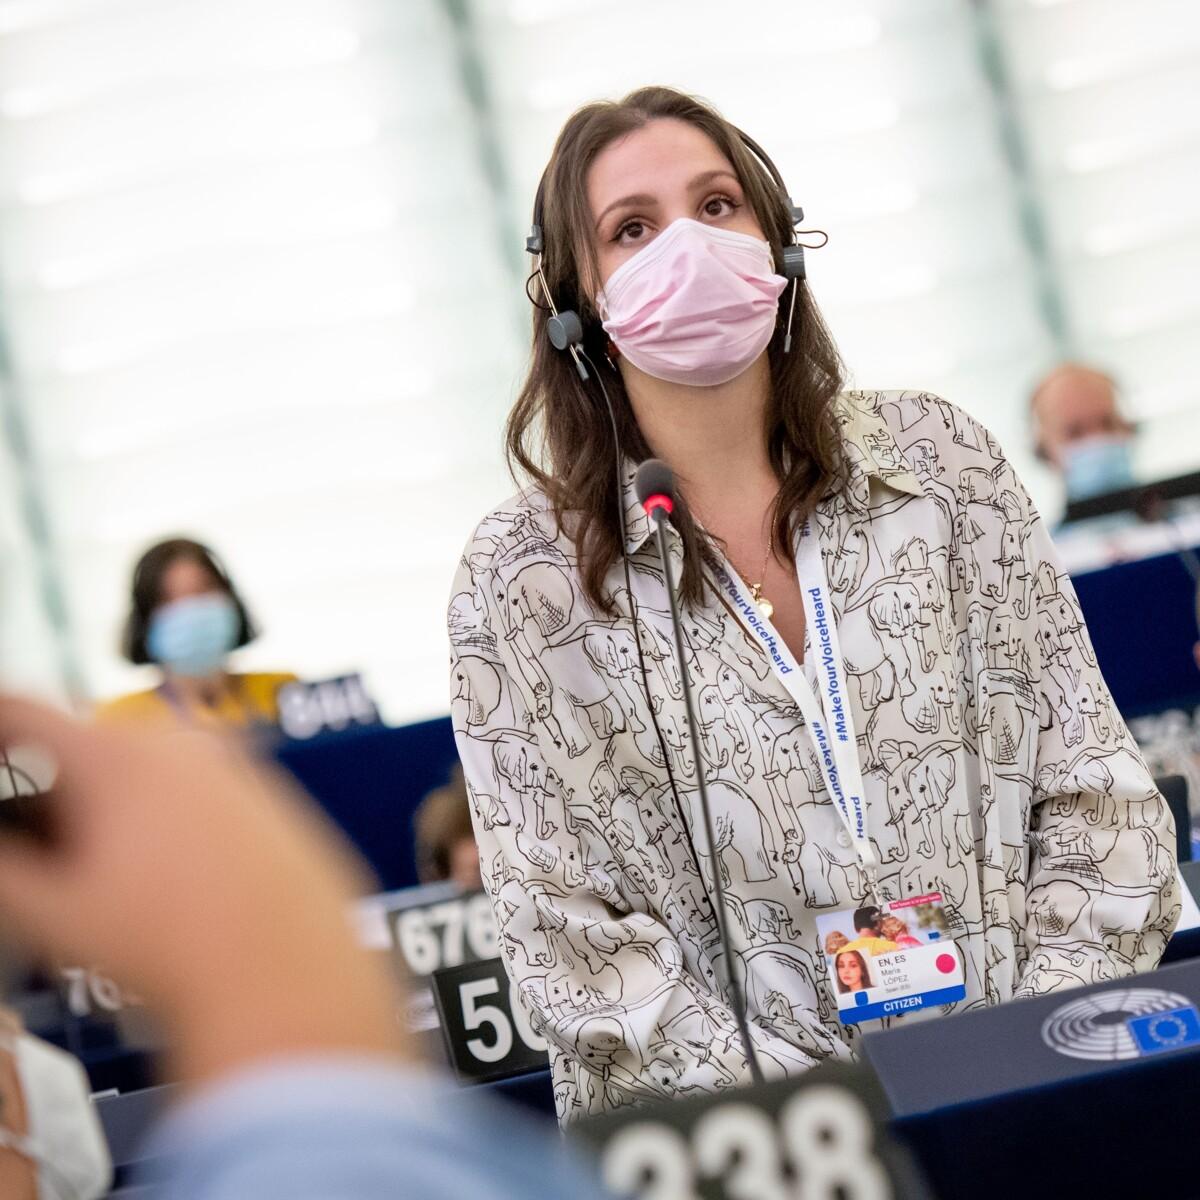 I cittadini europei vogliono il reddito universale garantito. Che ora potrebbe diventare realtà